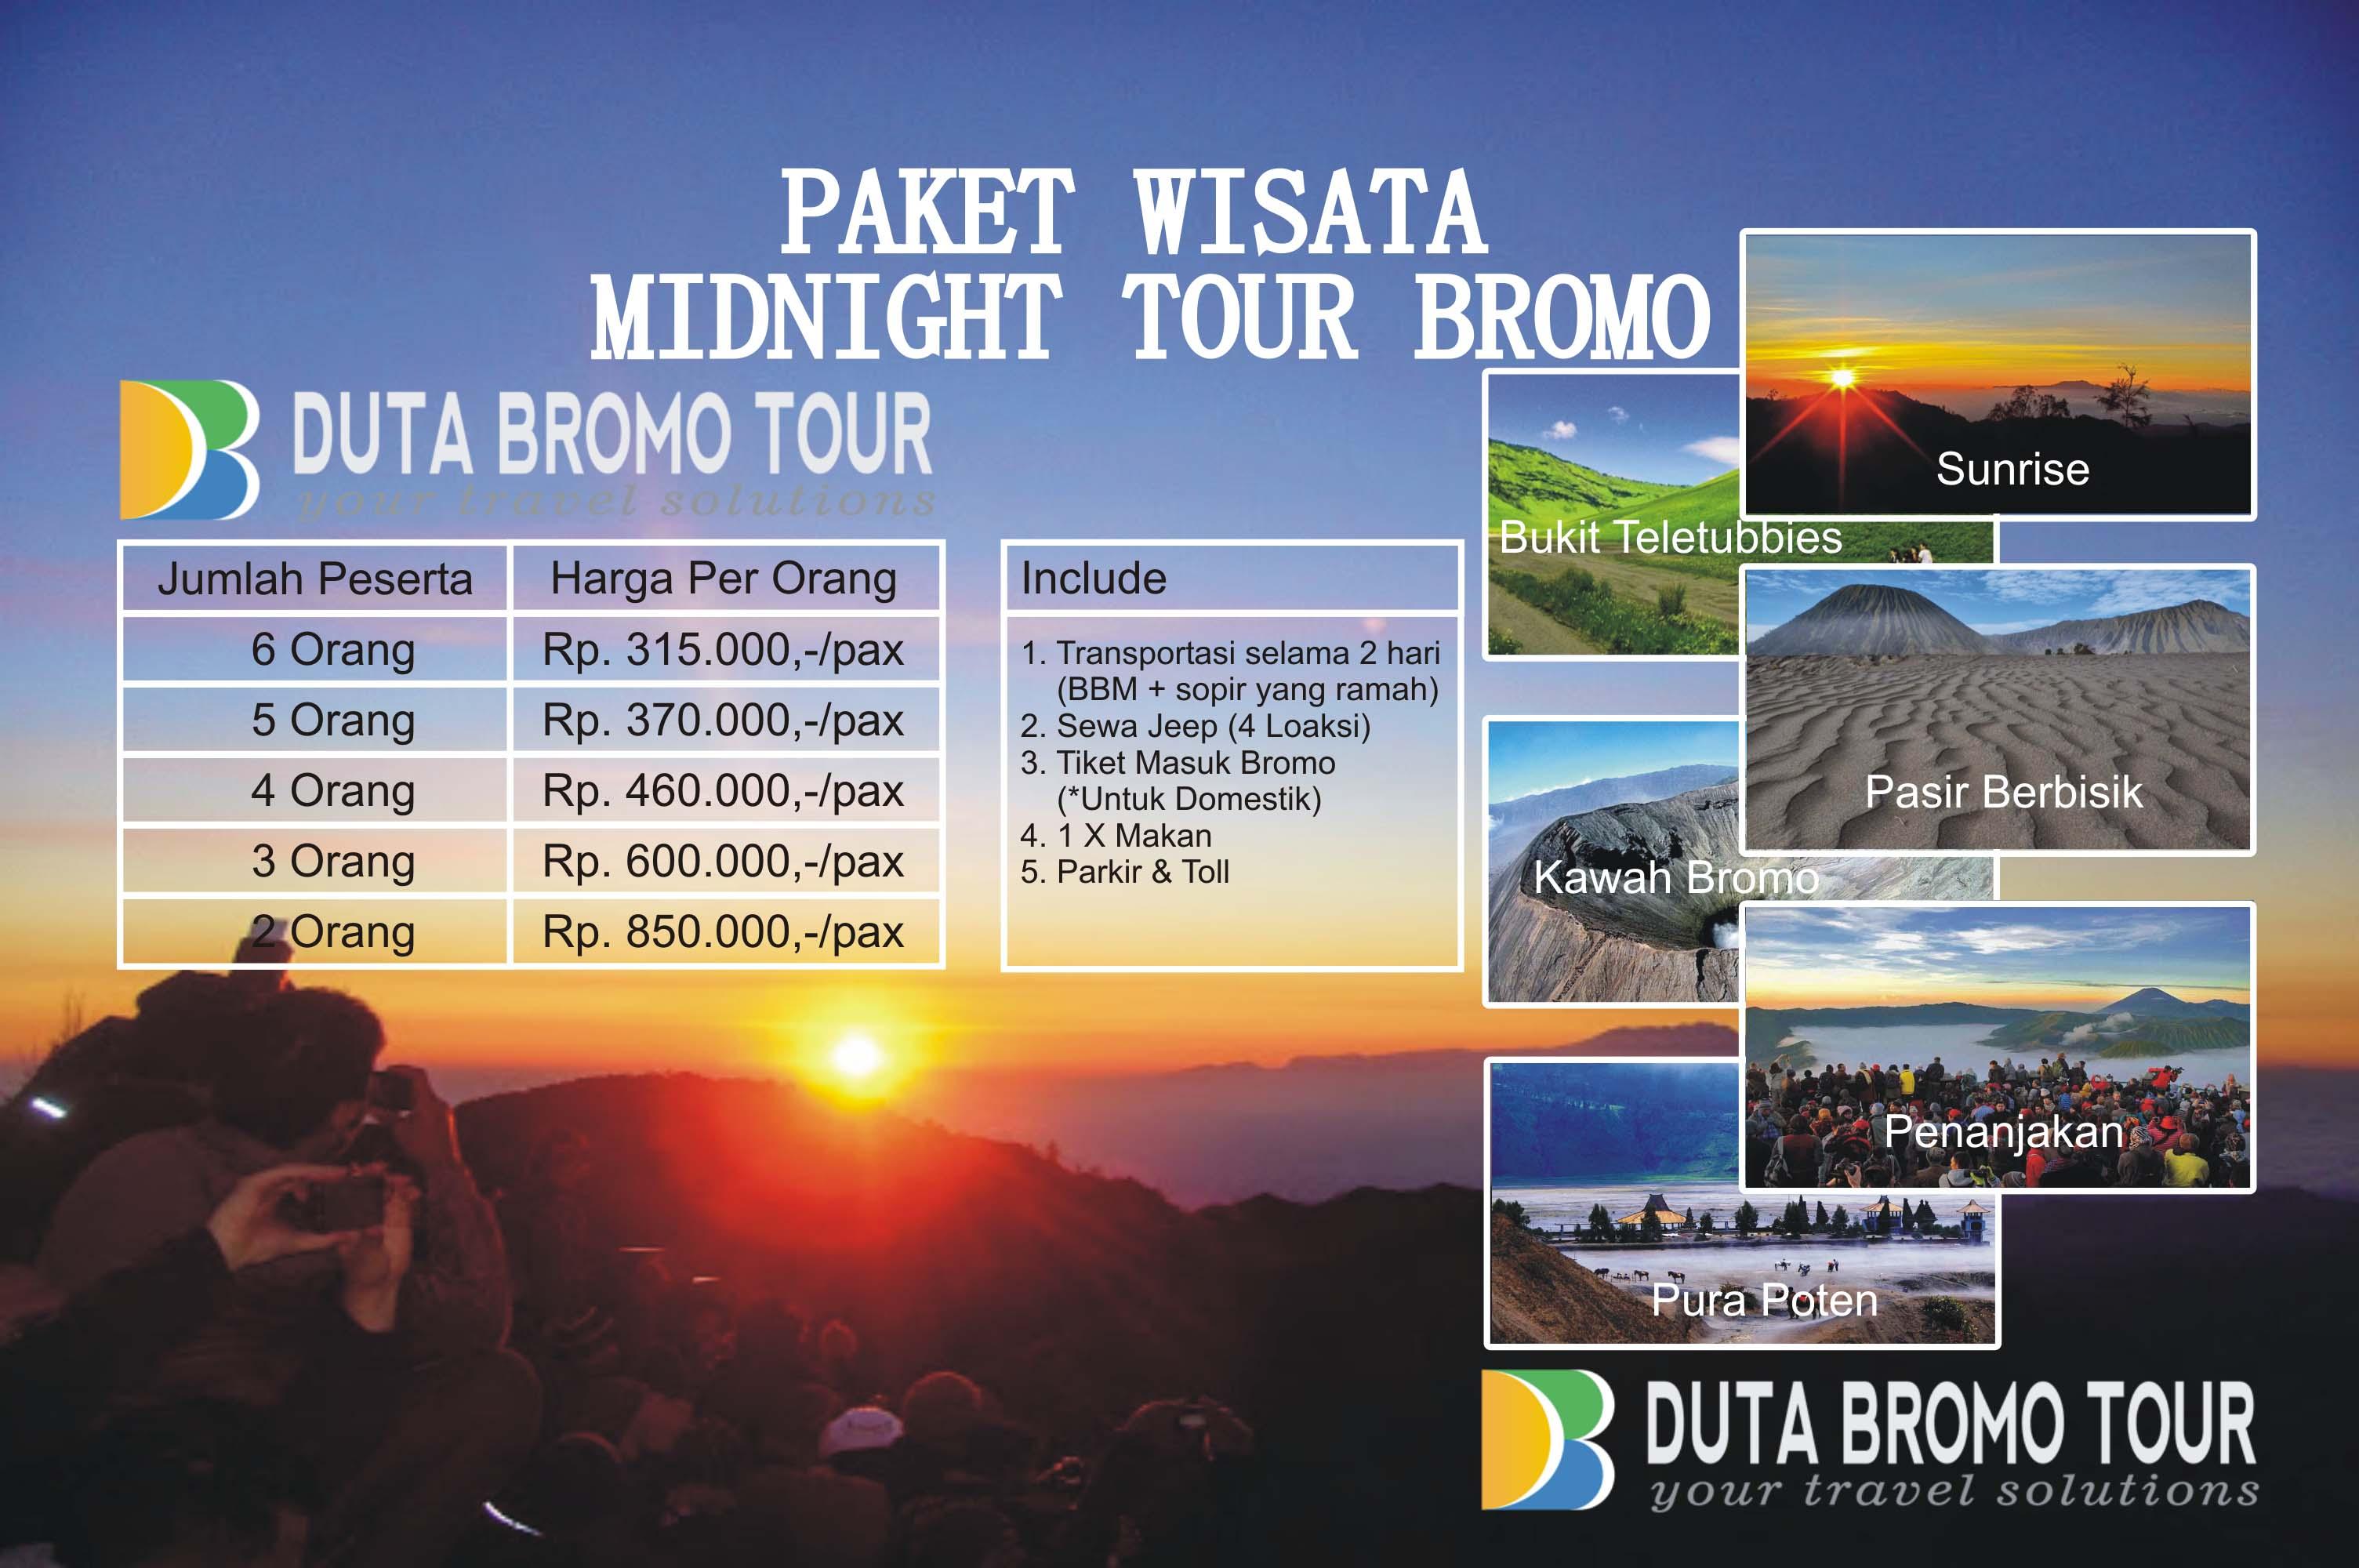 Duta Bromo Tour Paket Wisata Midnight Tour Bromo